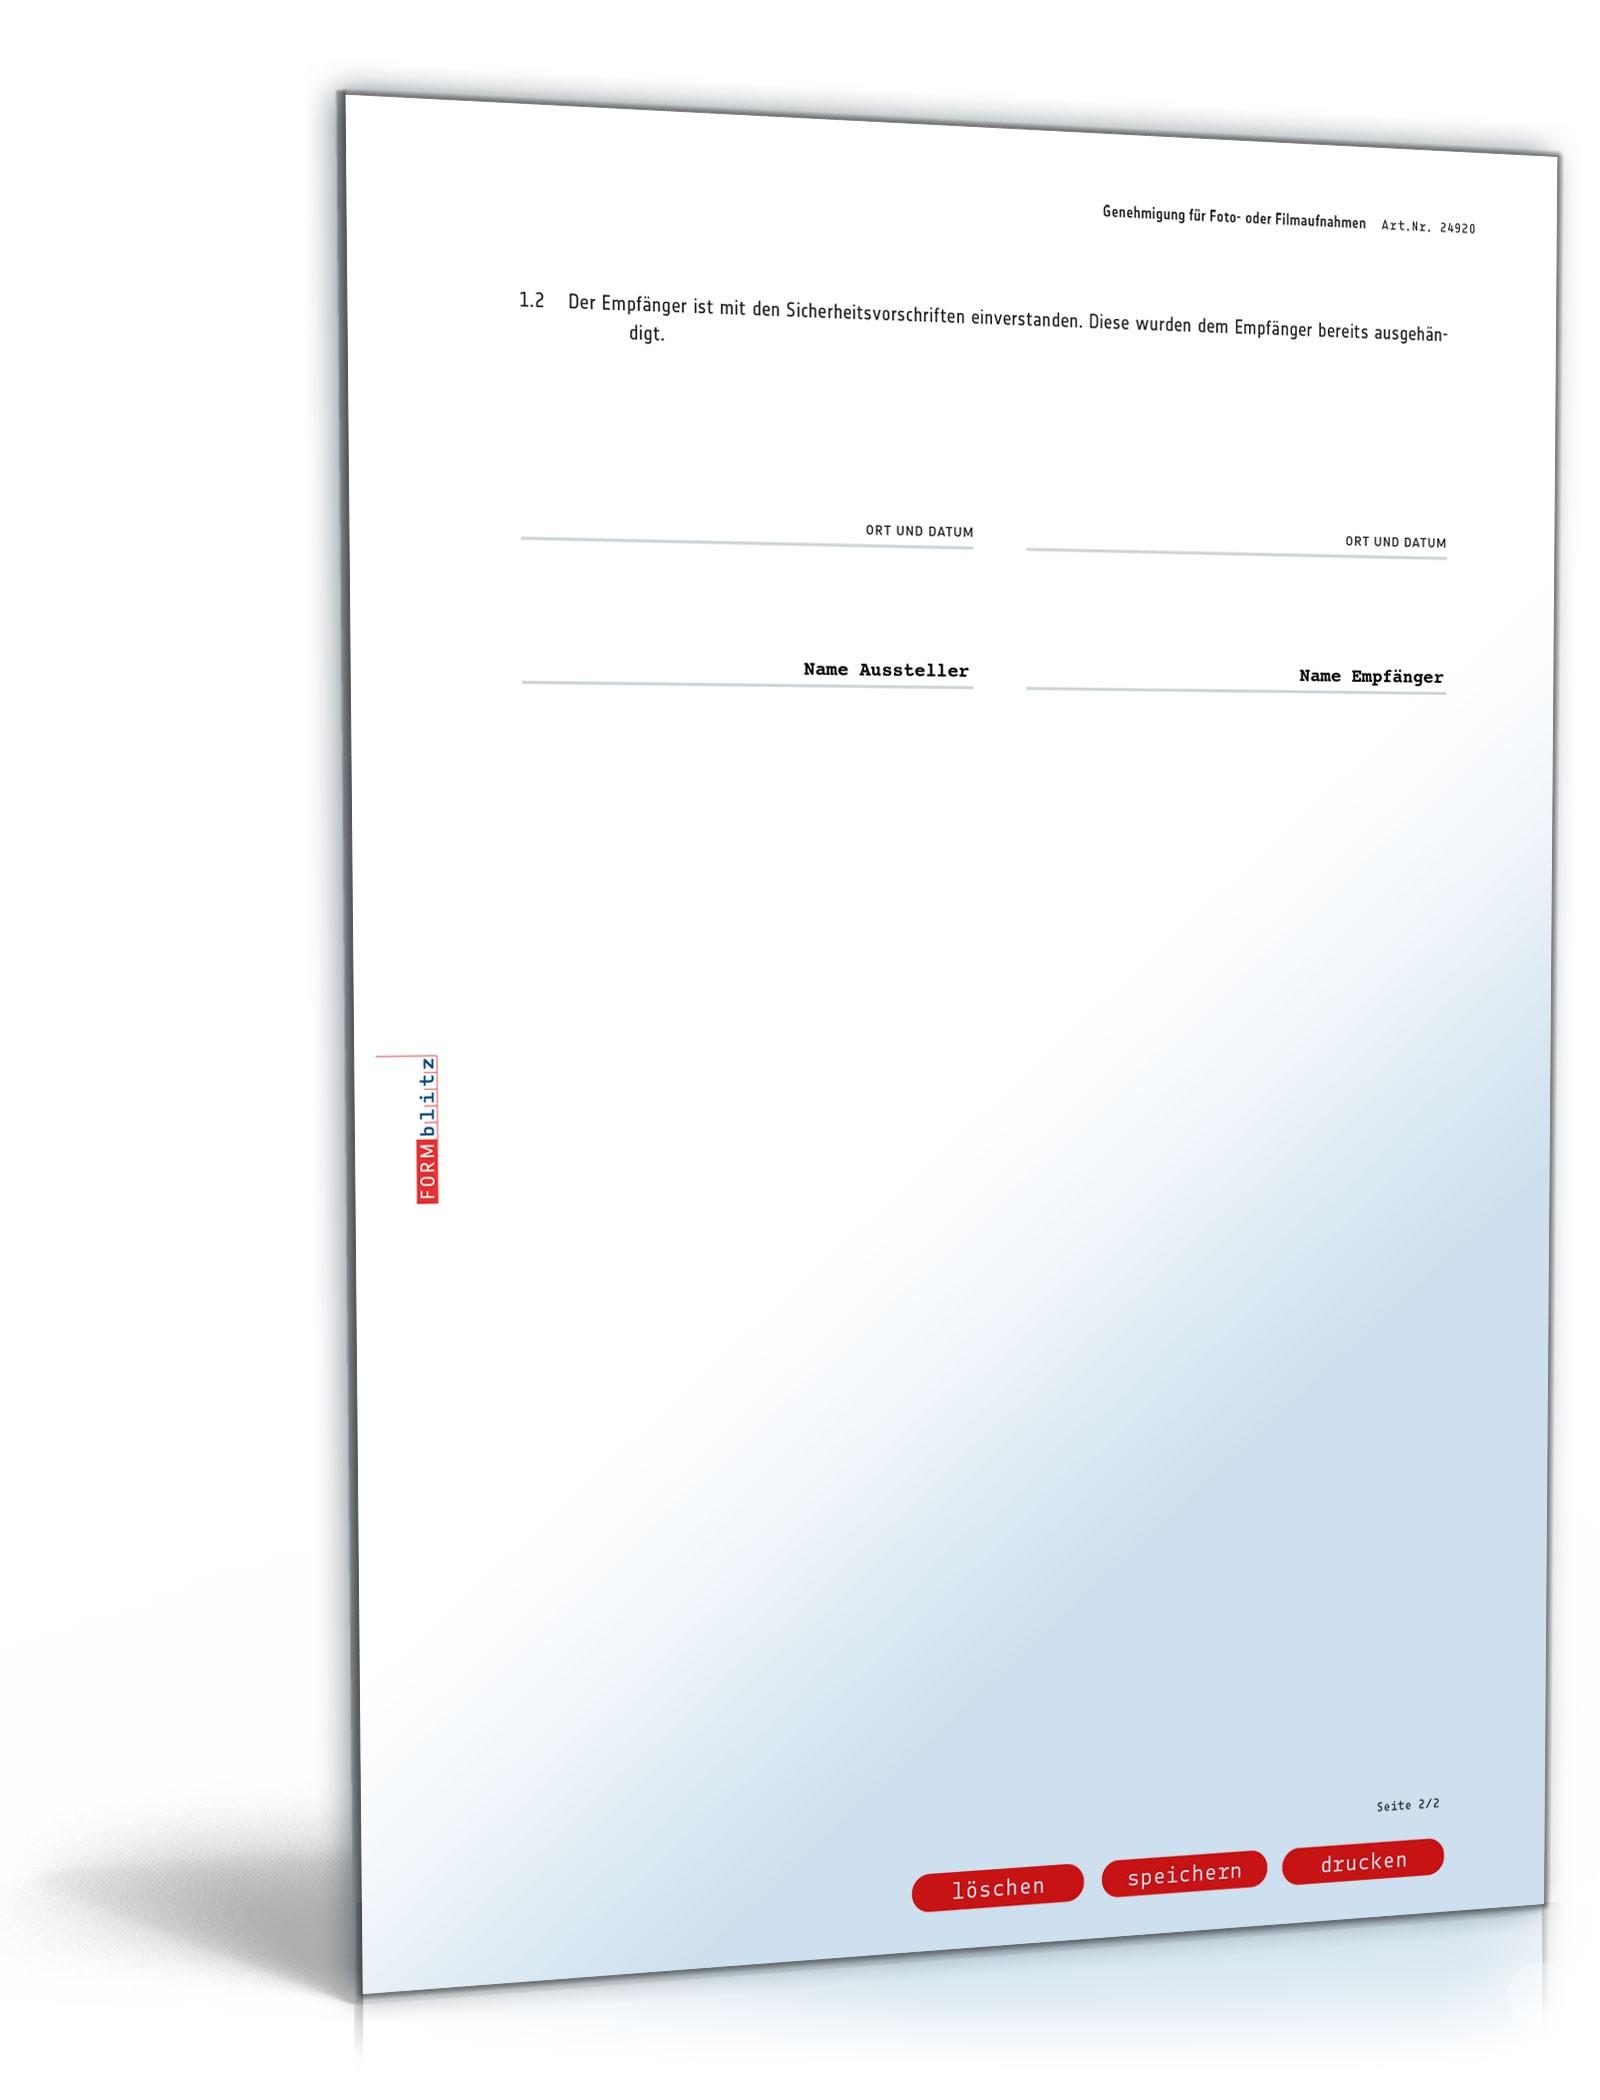 Musterbriefe Geschäftsbriefe : Genehmigung foto filmaufnahmen vorlage zum download